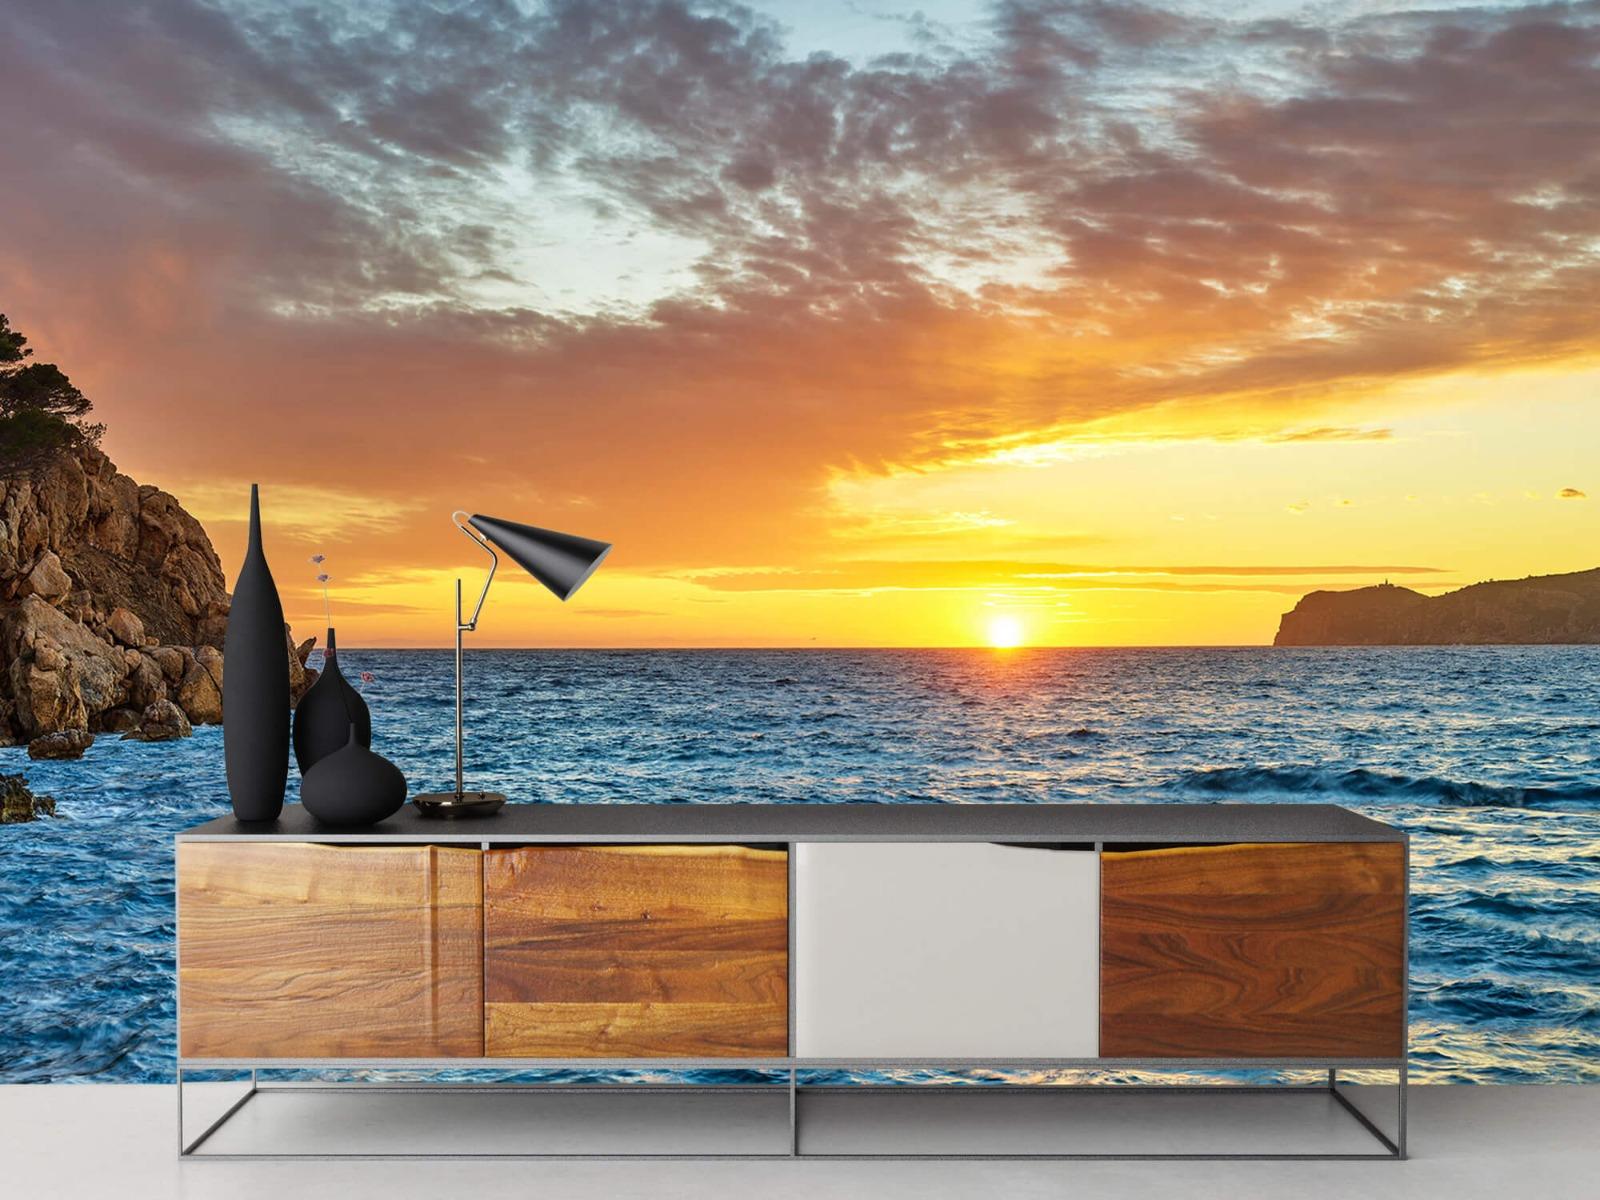 Zon - Zonsondergang op een eiland - Slaapkamer 16